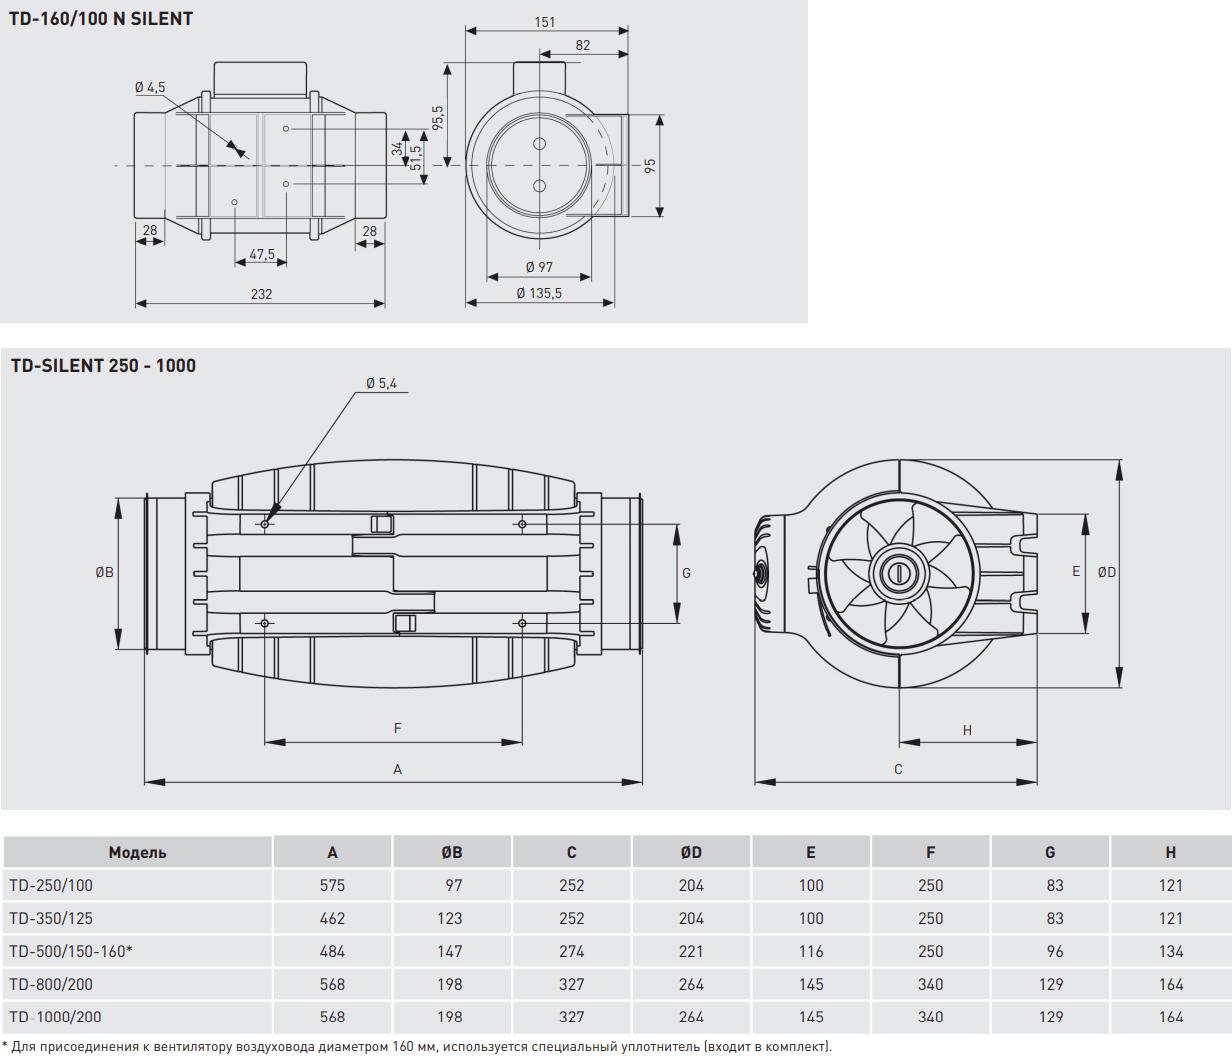 Шумоизолированный канальный вентилятор Soler&Palau TD Silent - Размеры